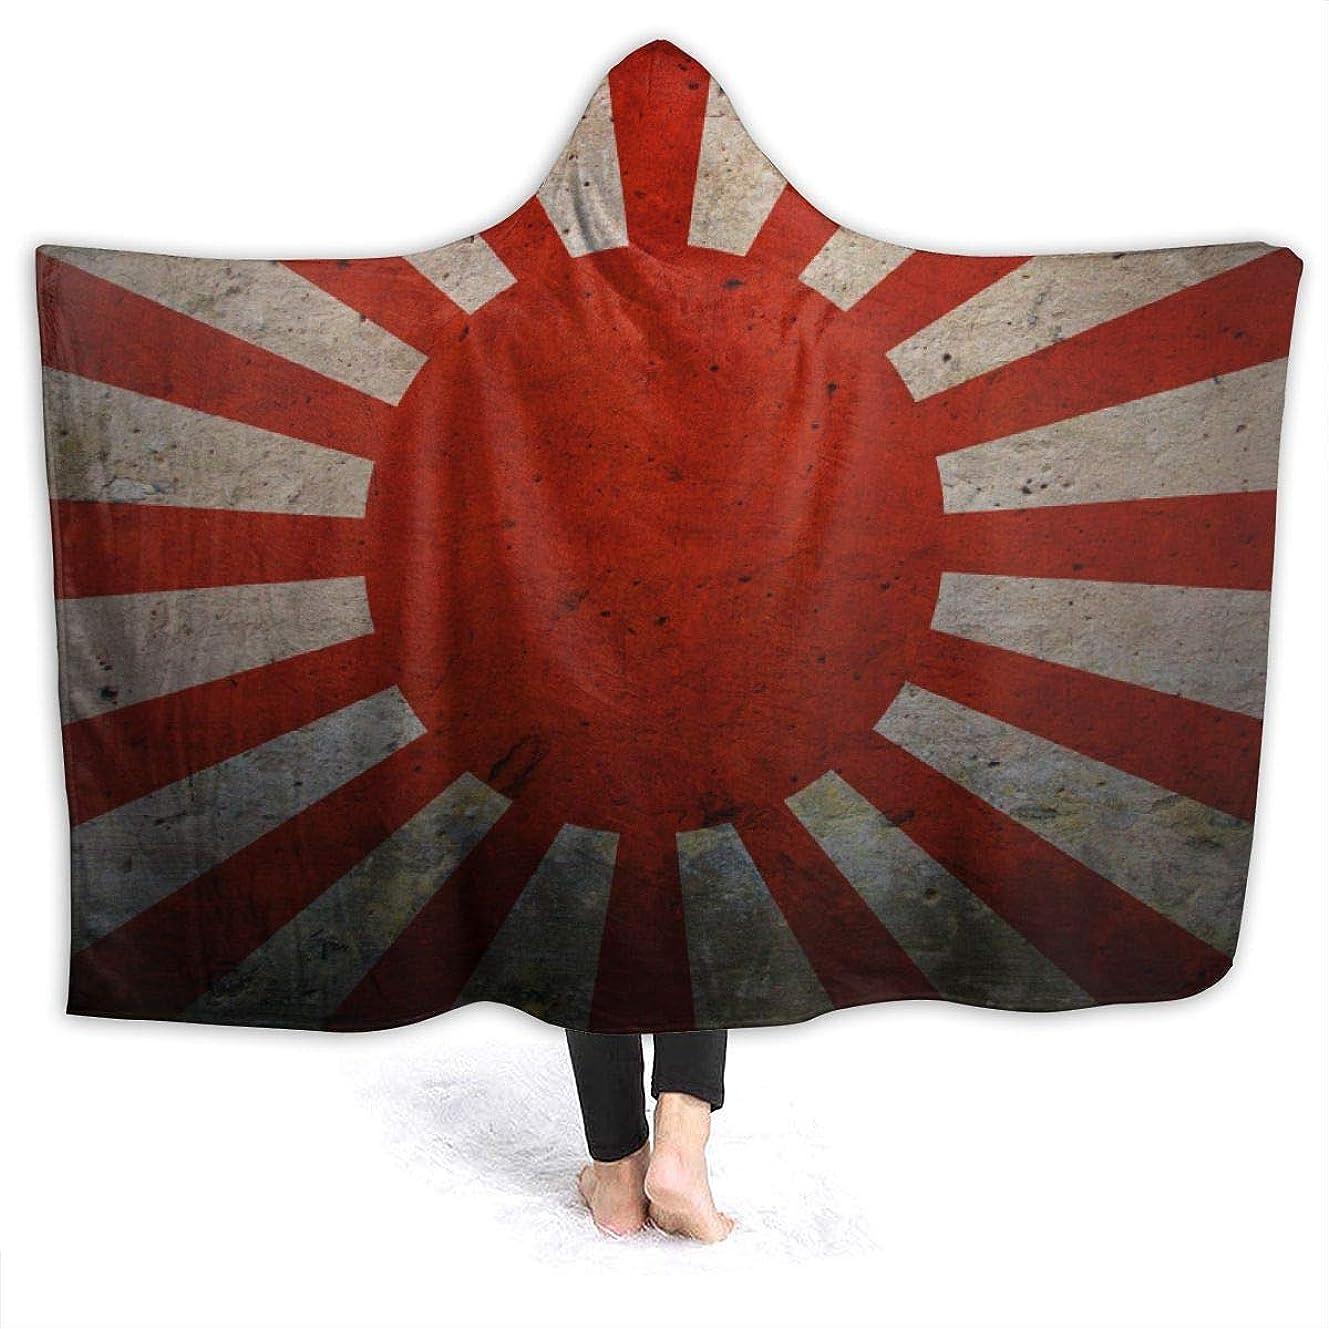 生物学拍手する重大HR.LLM 日本 旗 フード付き毛布 着る毛布 毛布 膝掛け毛布 ラップタオル 冷房/防寒対策 防寒保温 防静電加工 軽量 厚手 大判